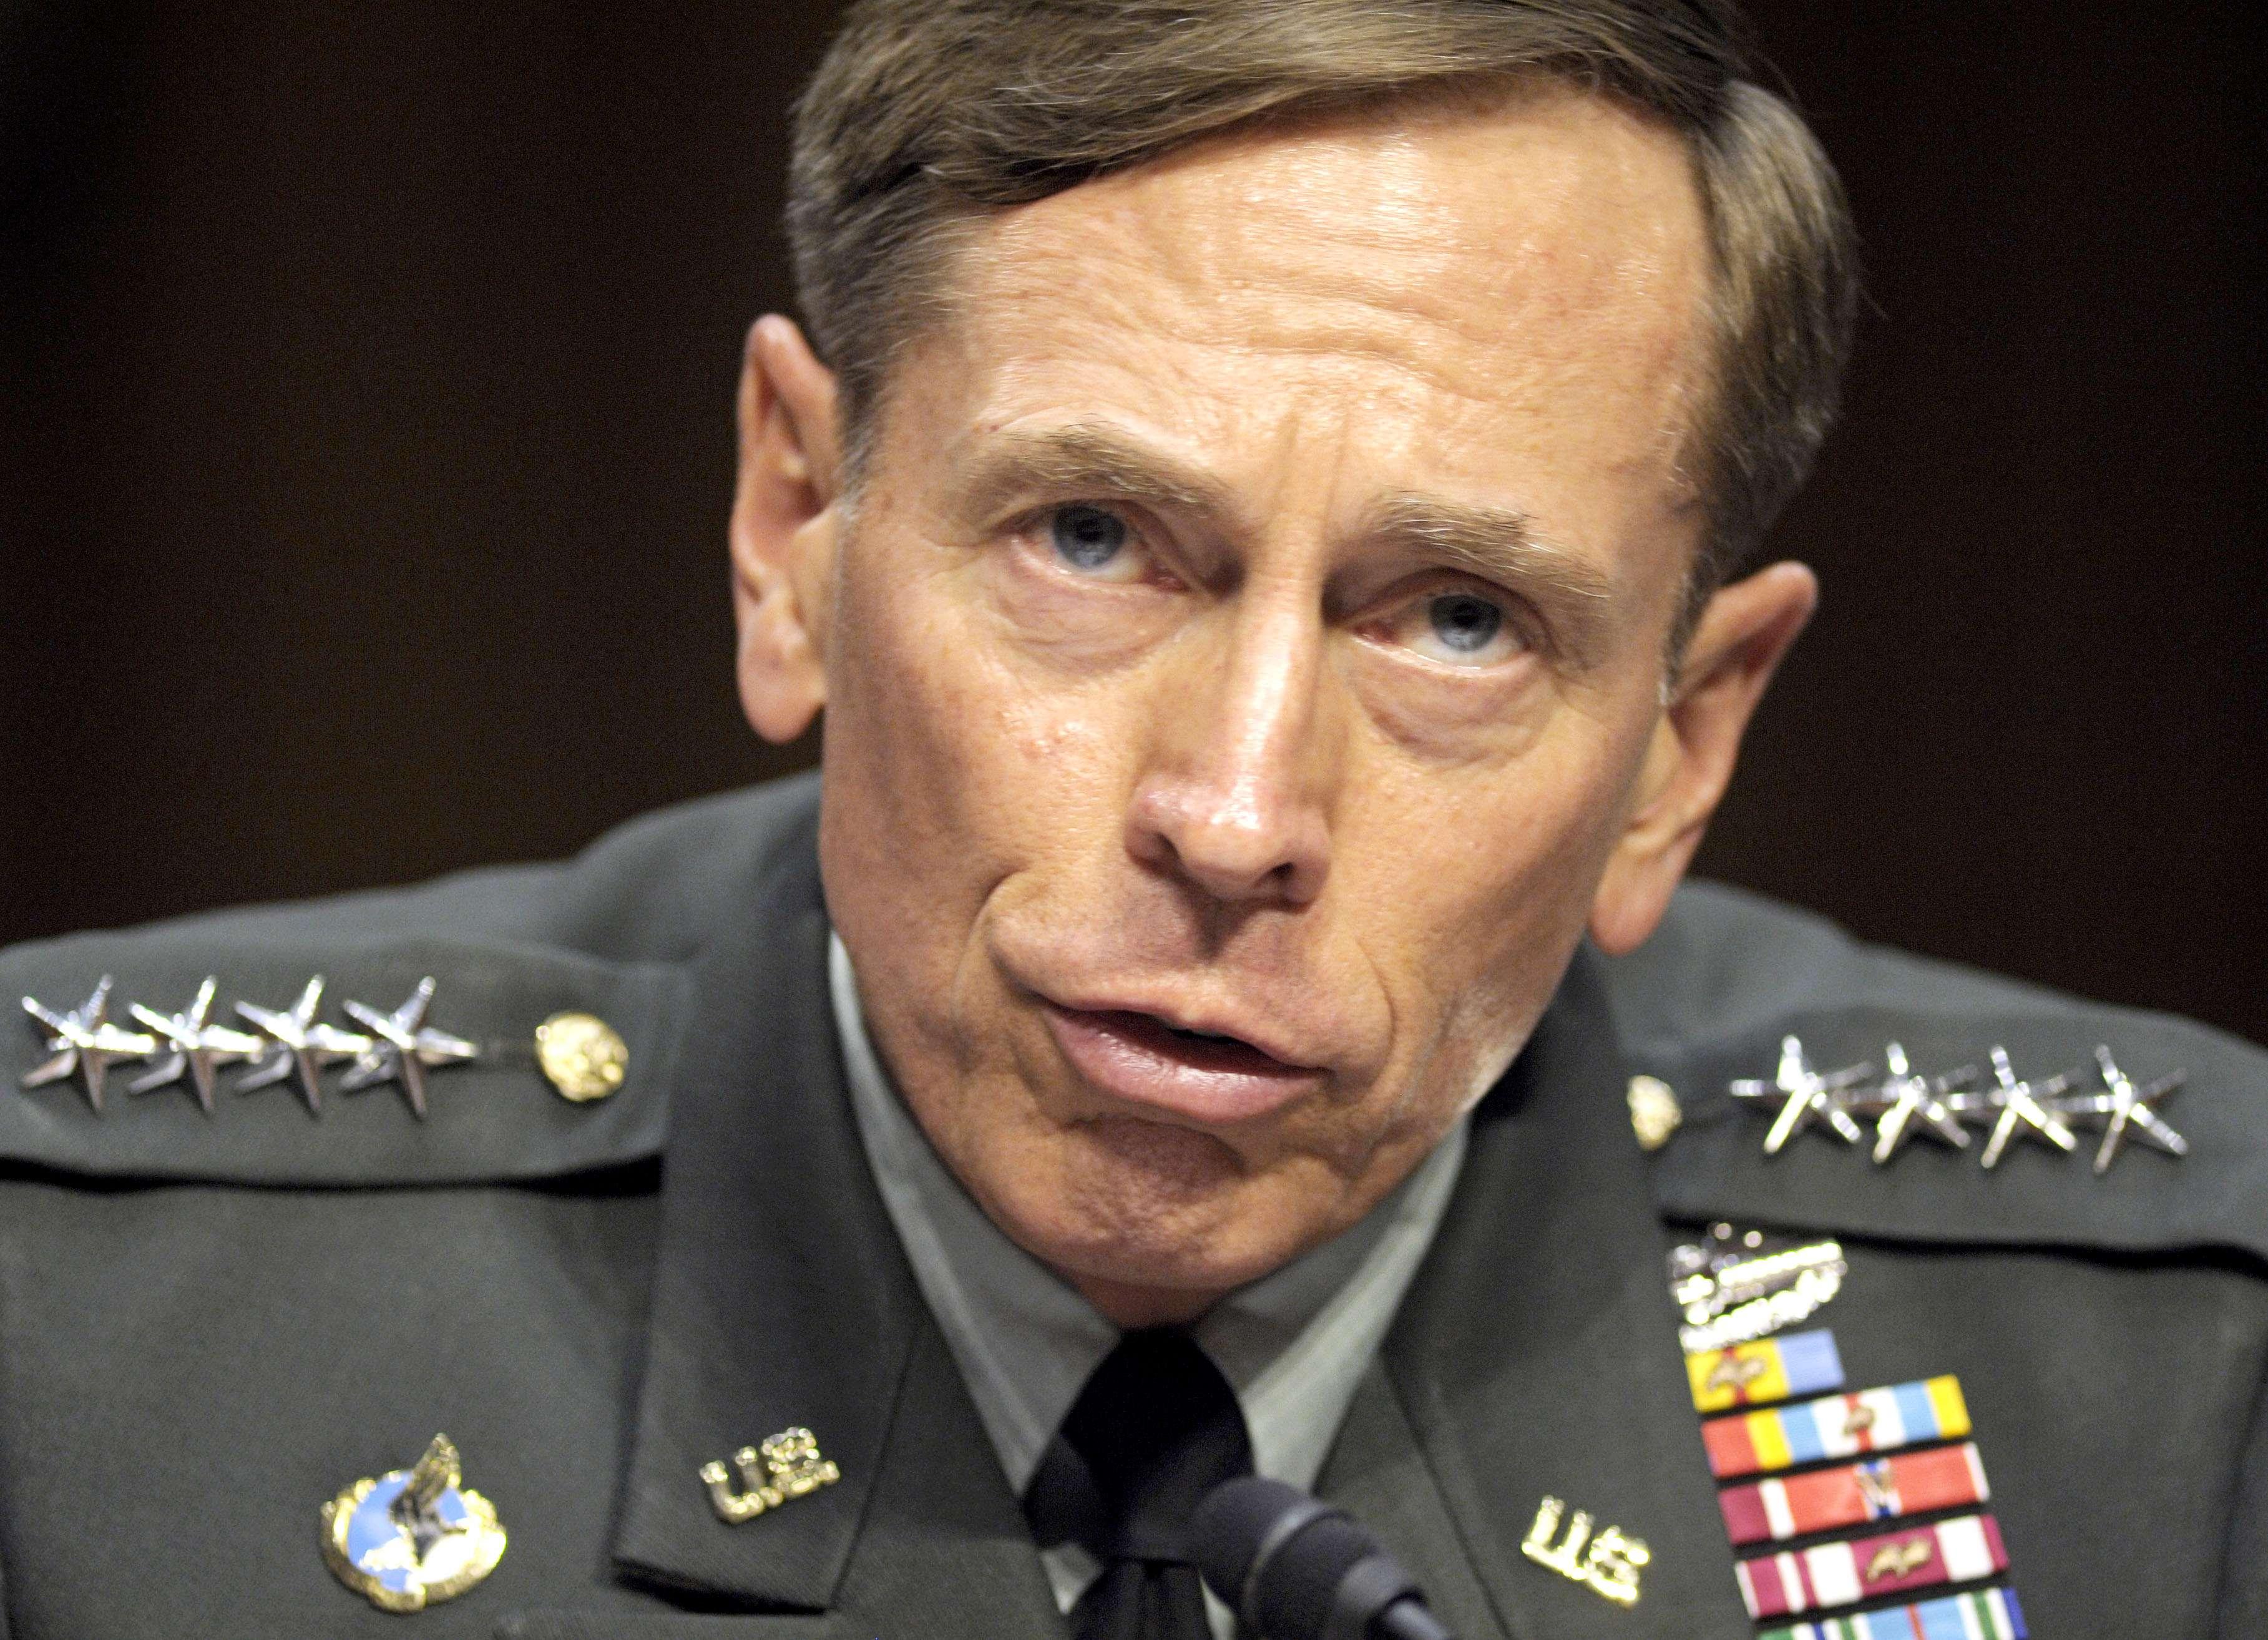 David Petraeus, exdirector de la CIA, en foto de archivo del 23 de junio del 2011. Foto: AP en español